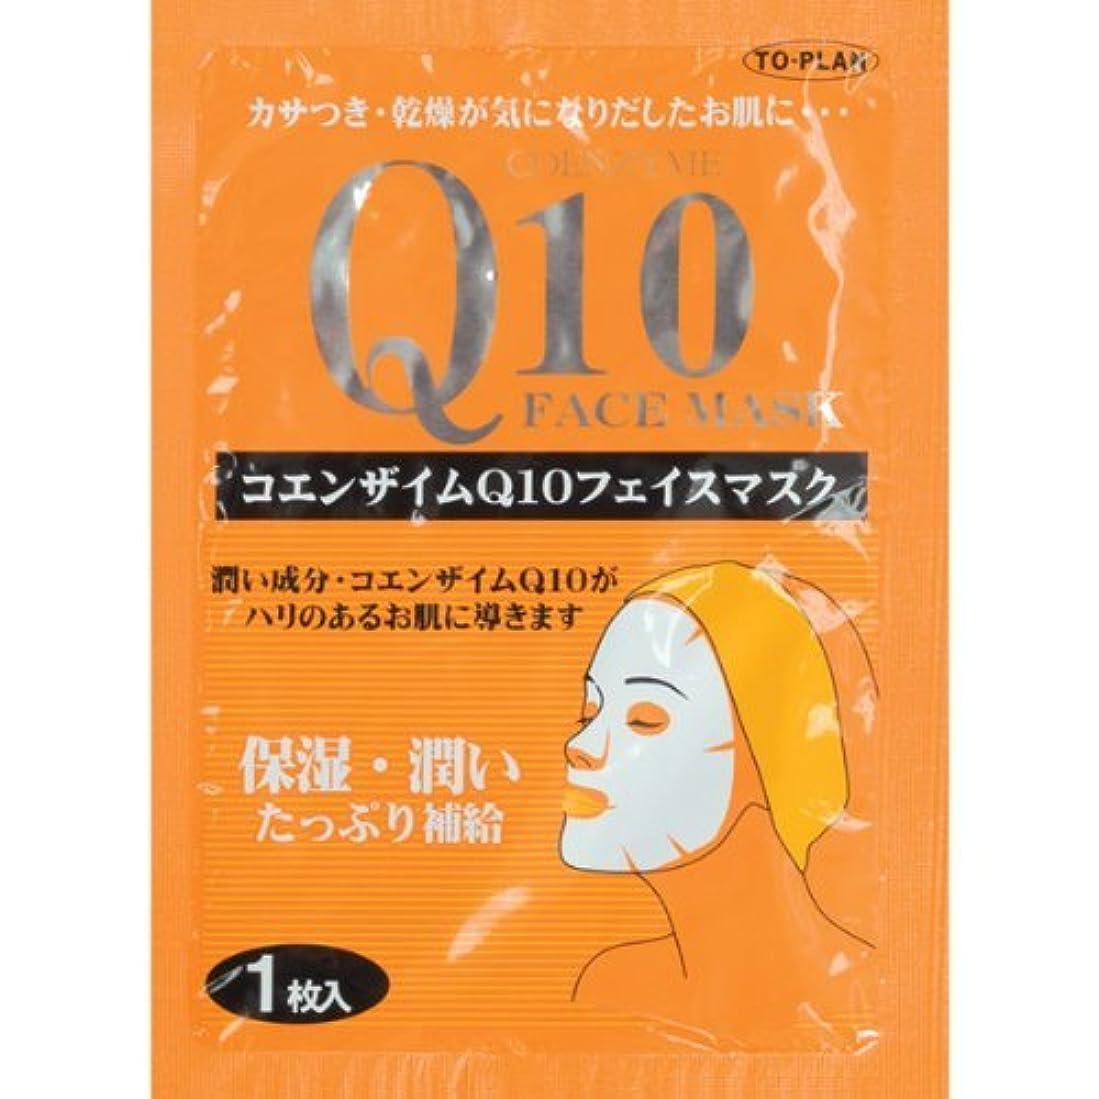 兵隊テクスチャーコンパイルフェイスマスク コエンザイムQ10 まとめ買い プレゼント フェイスパック (200枚)